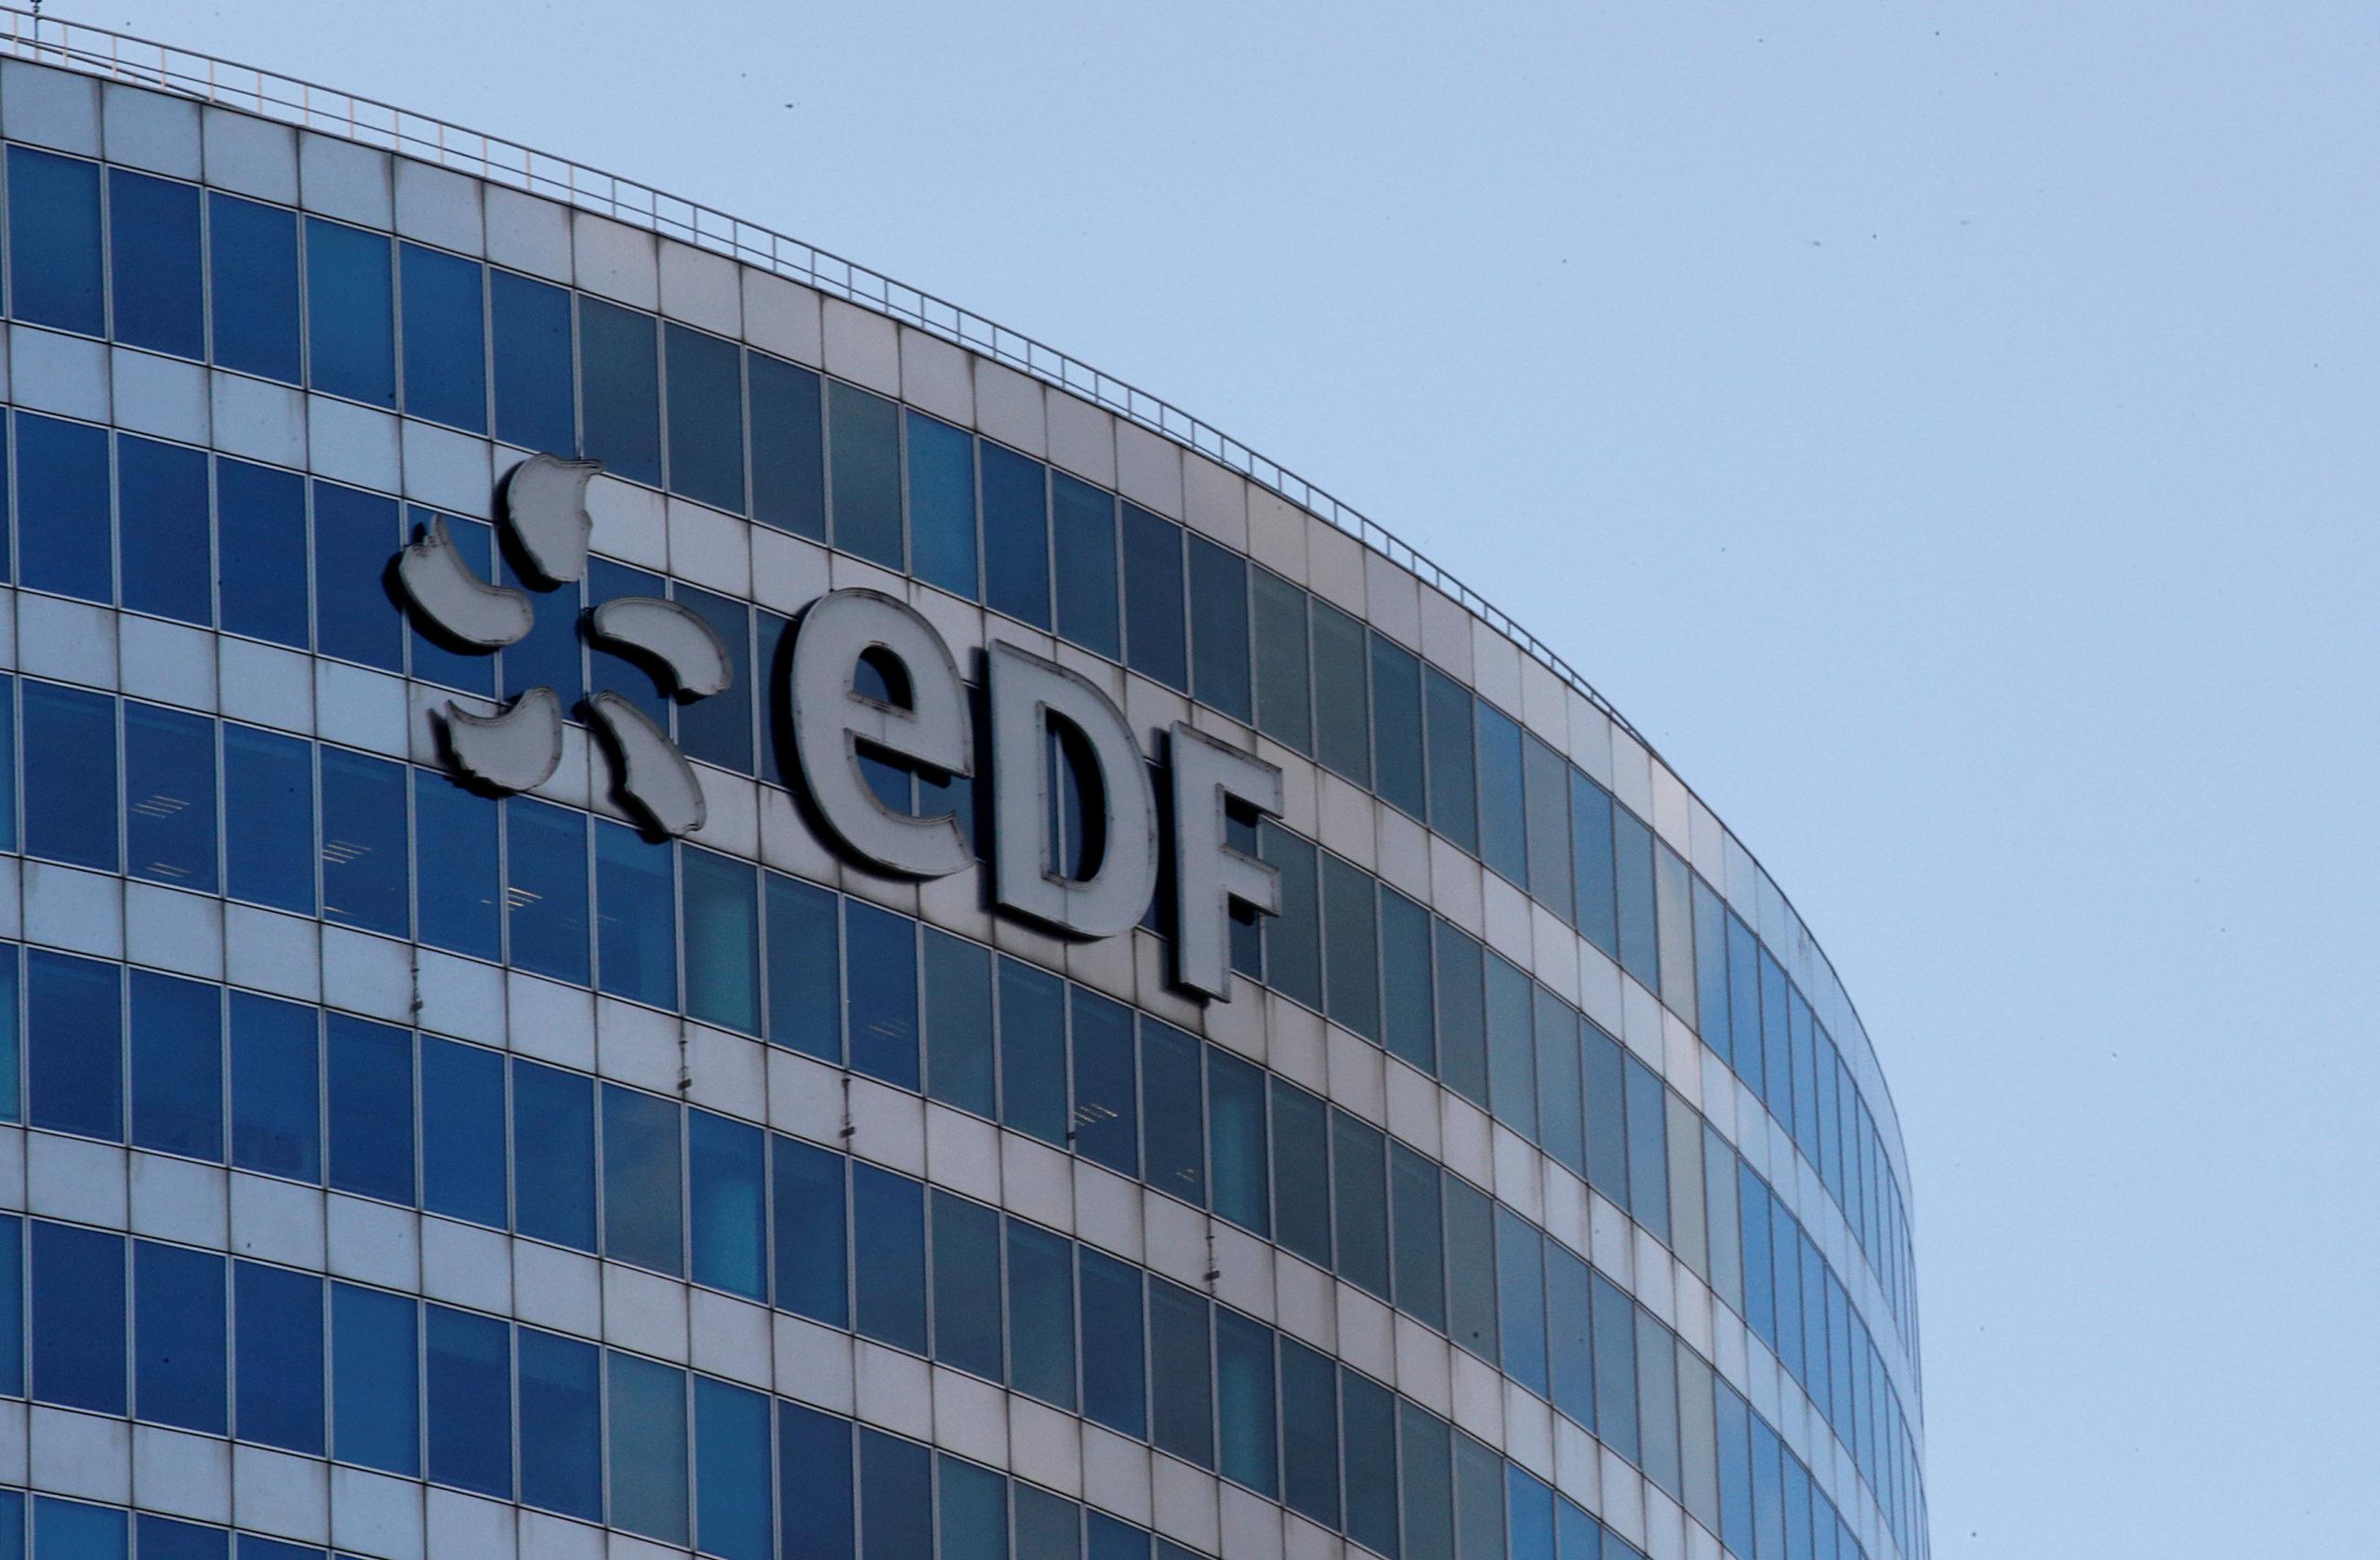 EDF associé à un nouveau projet nucléaire au Royaume-Uni